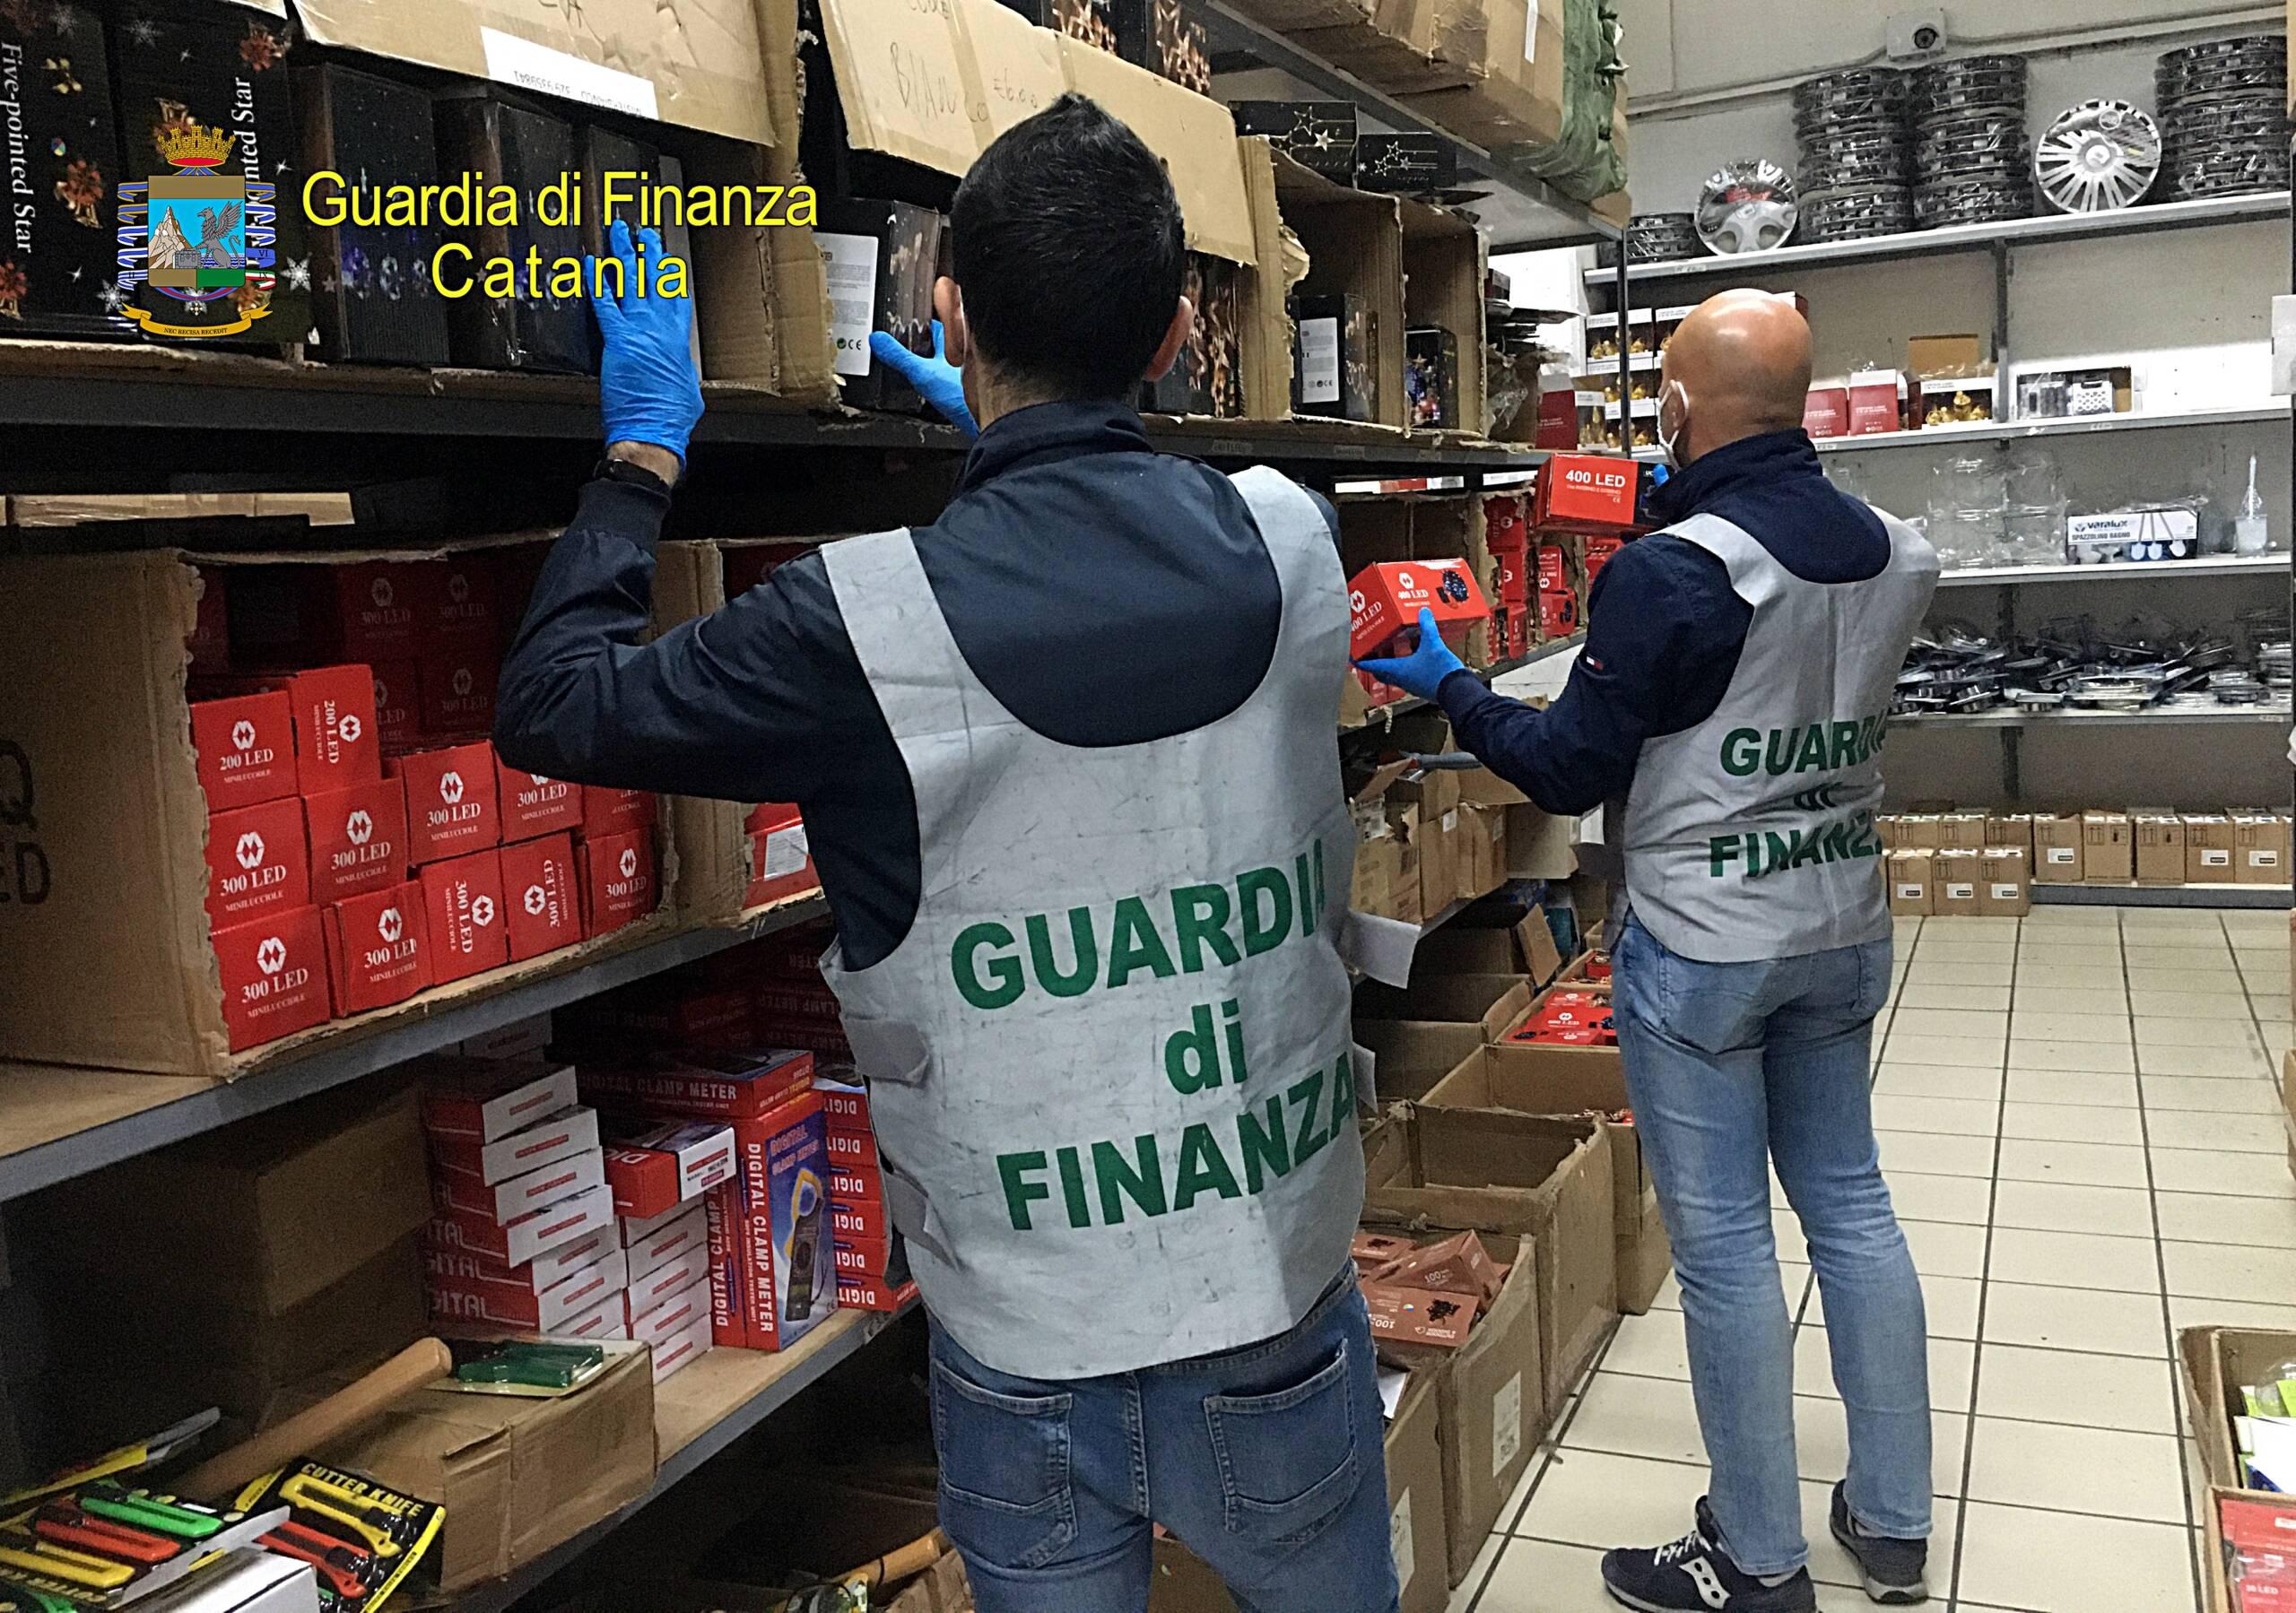 Misterbianco, controlli della Finanza di Catania: sequestrate 1 milione di luci di Natale in un negozio cinese